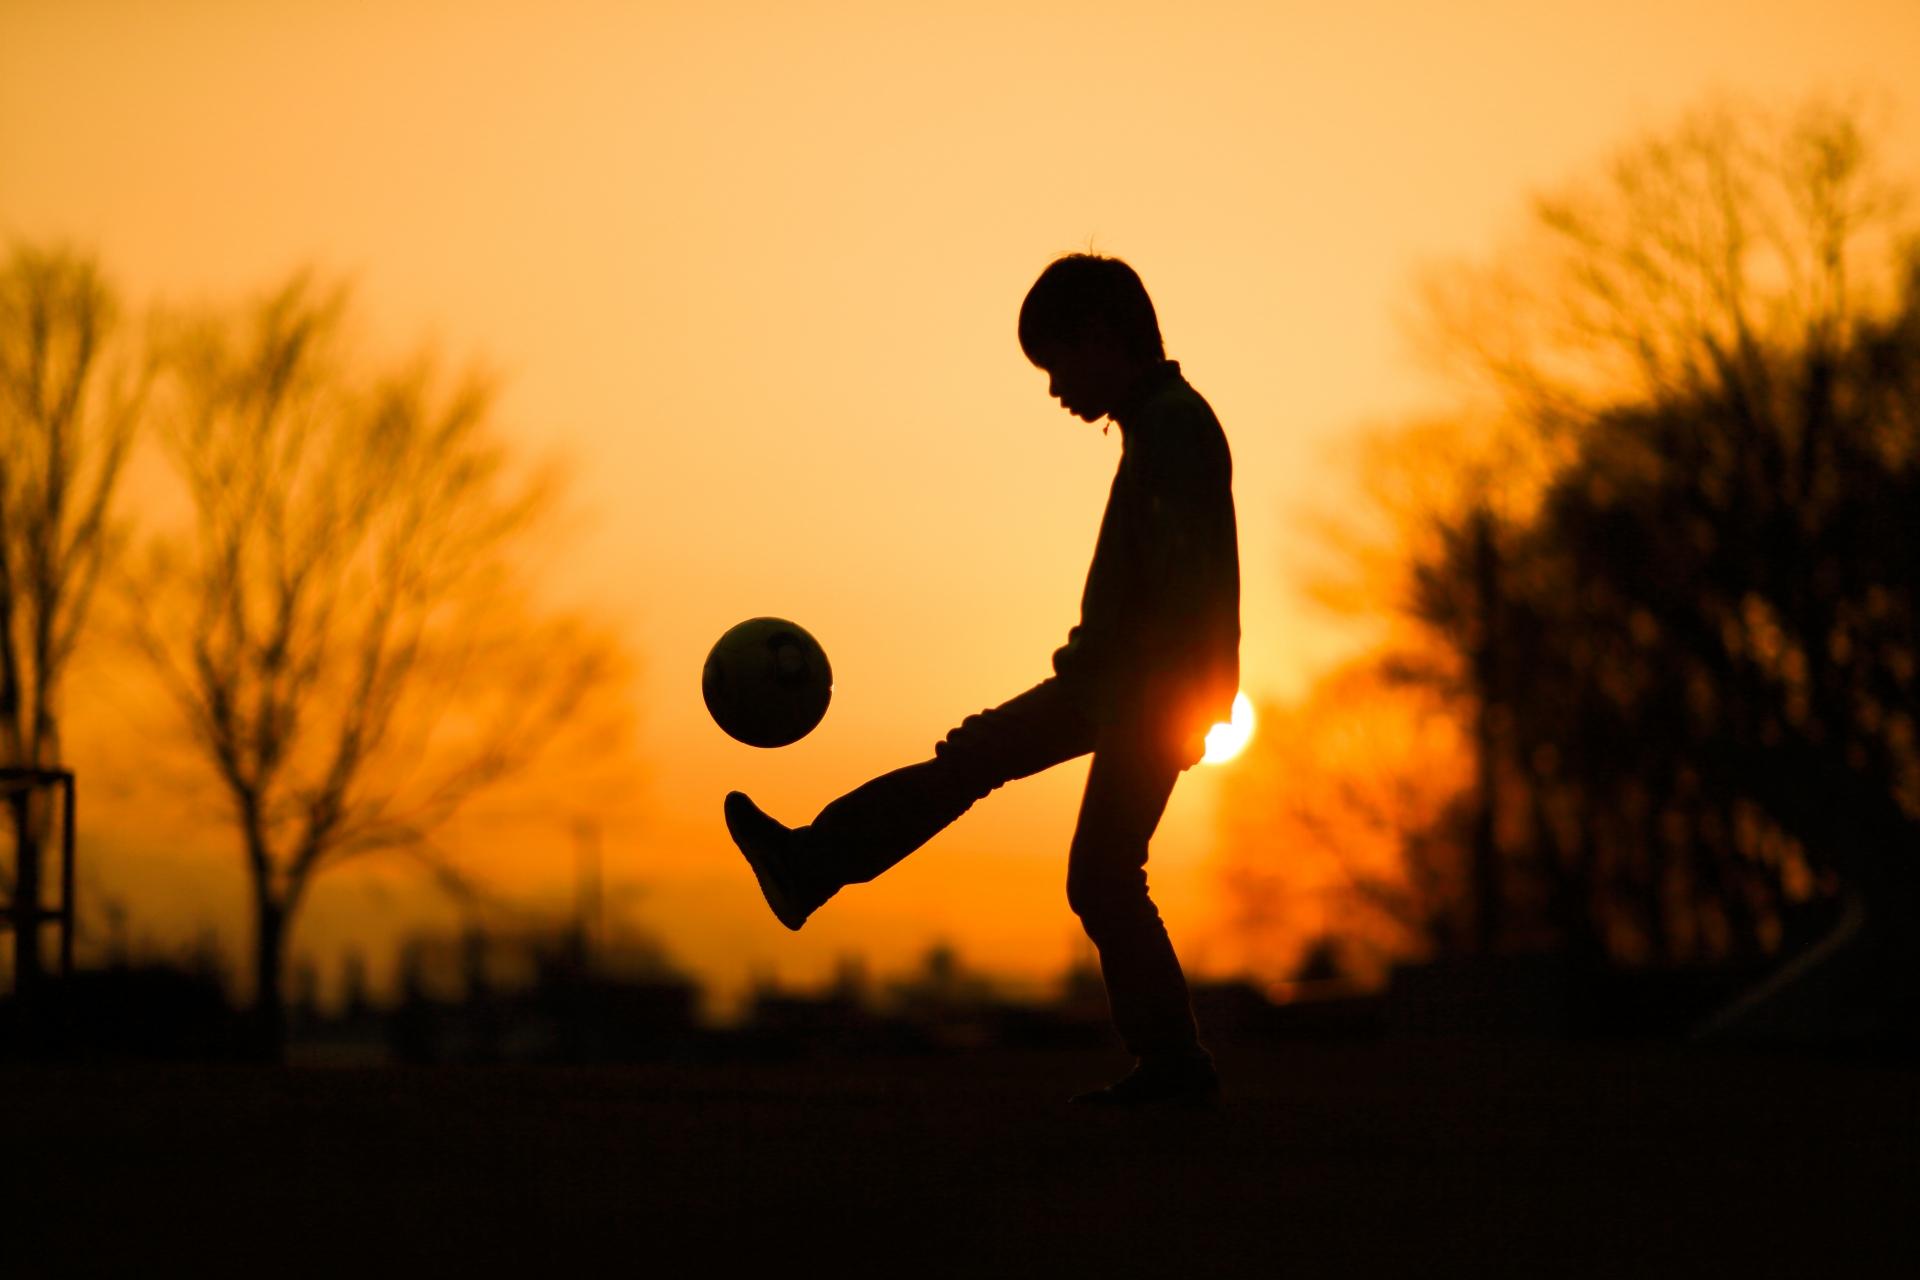 サッカーの練習メニュー!ドリブルのスキルがアップする練習法